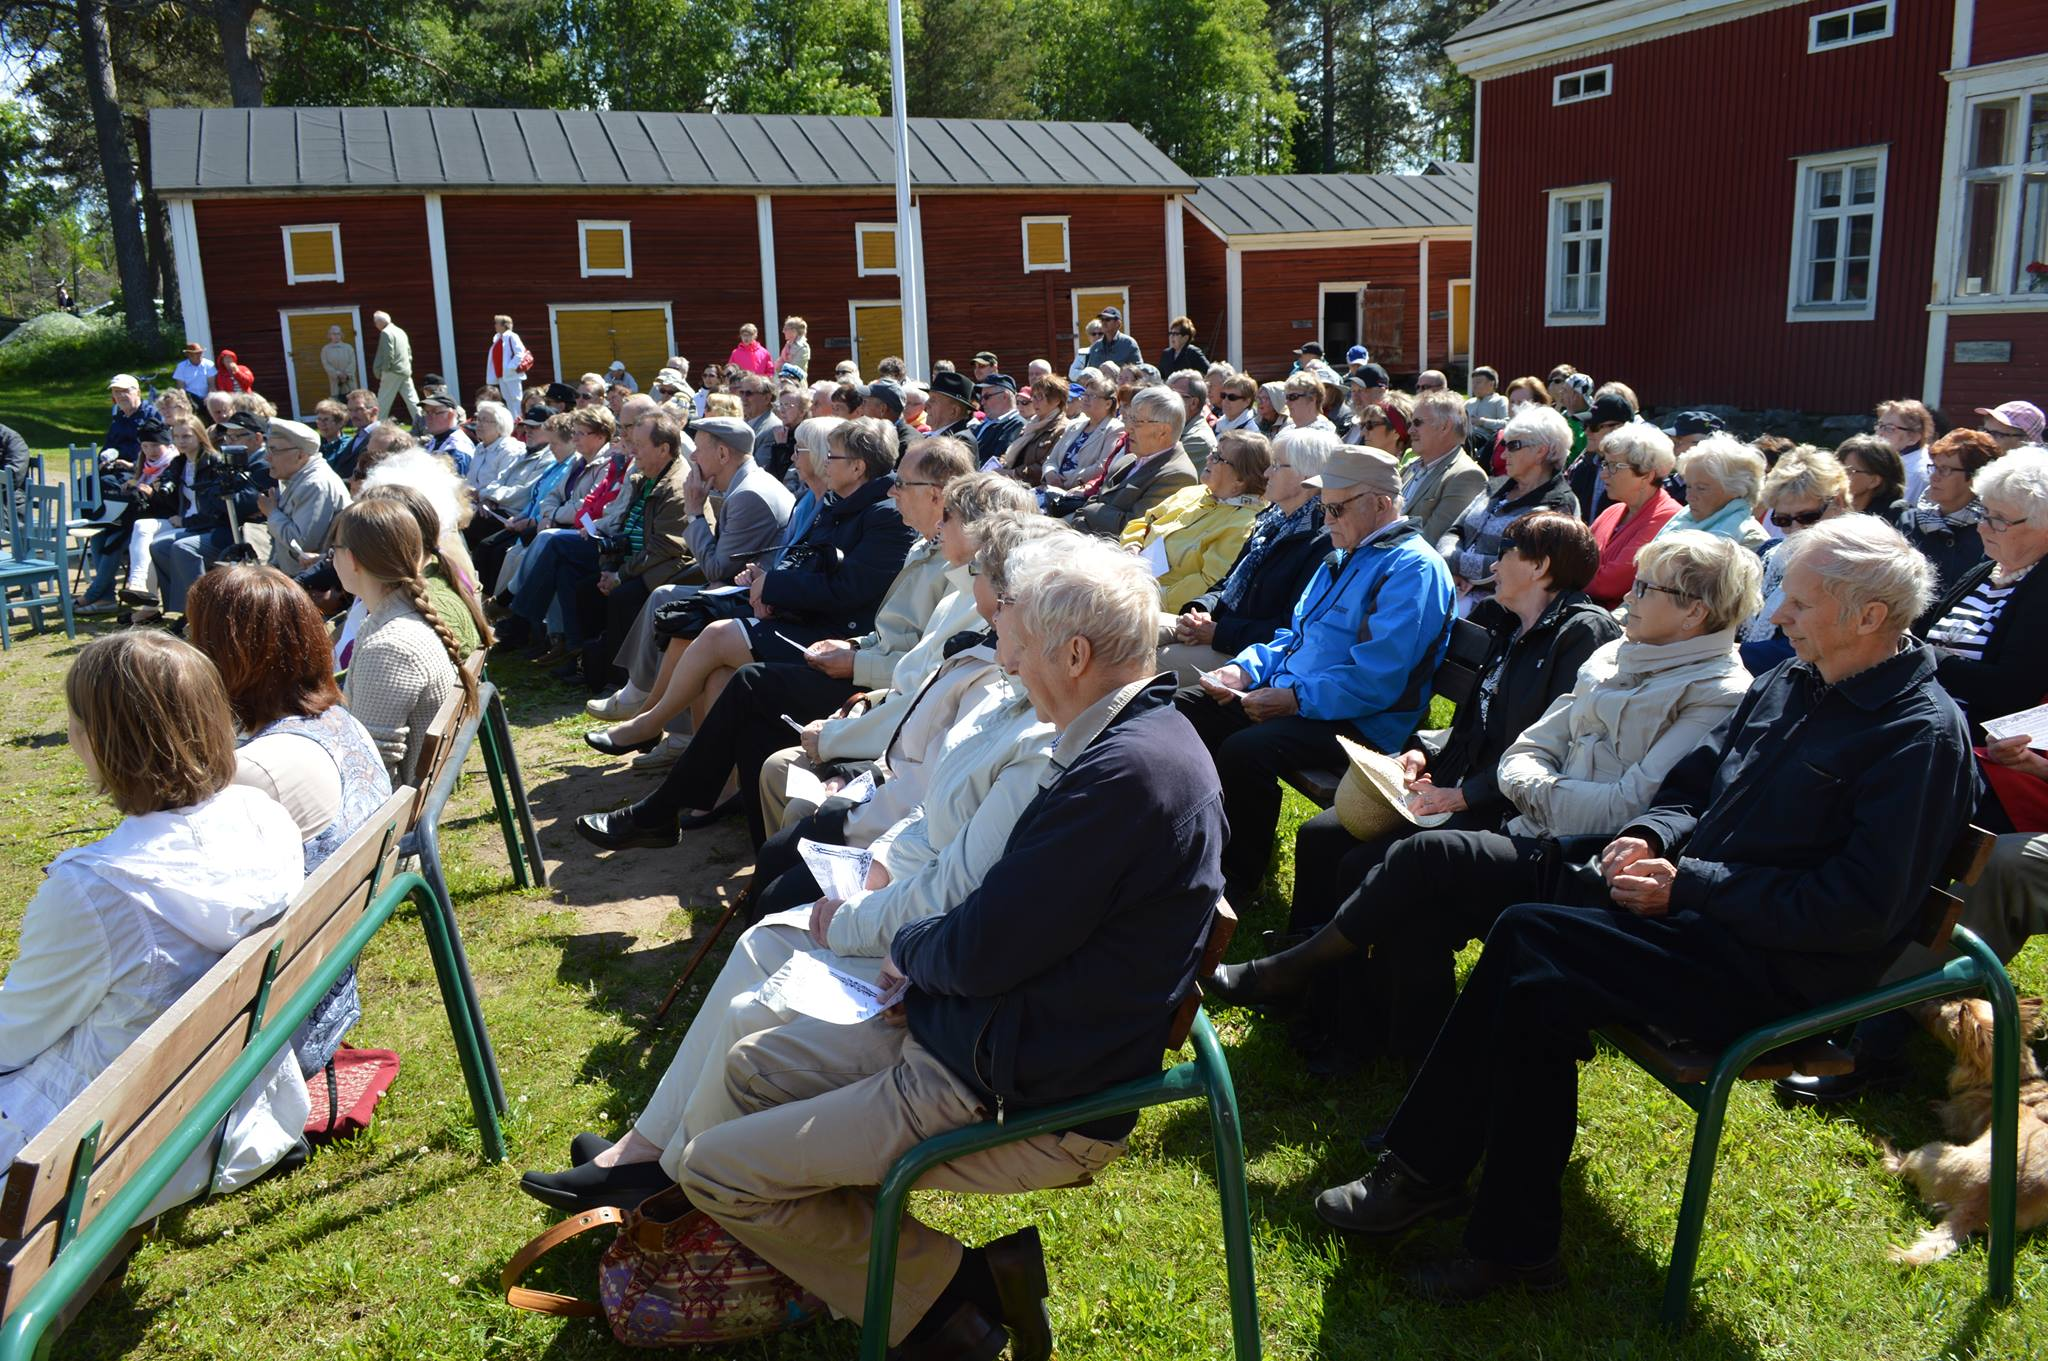 Ihmisiä istumassa penkeillä nurmikolla vanhan talon pihapiirissä kesällä